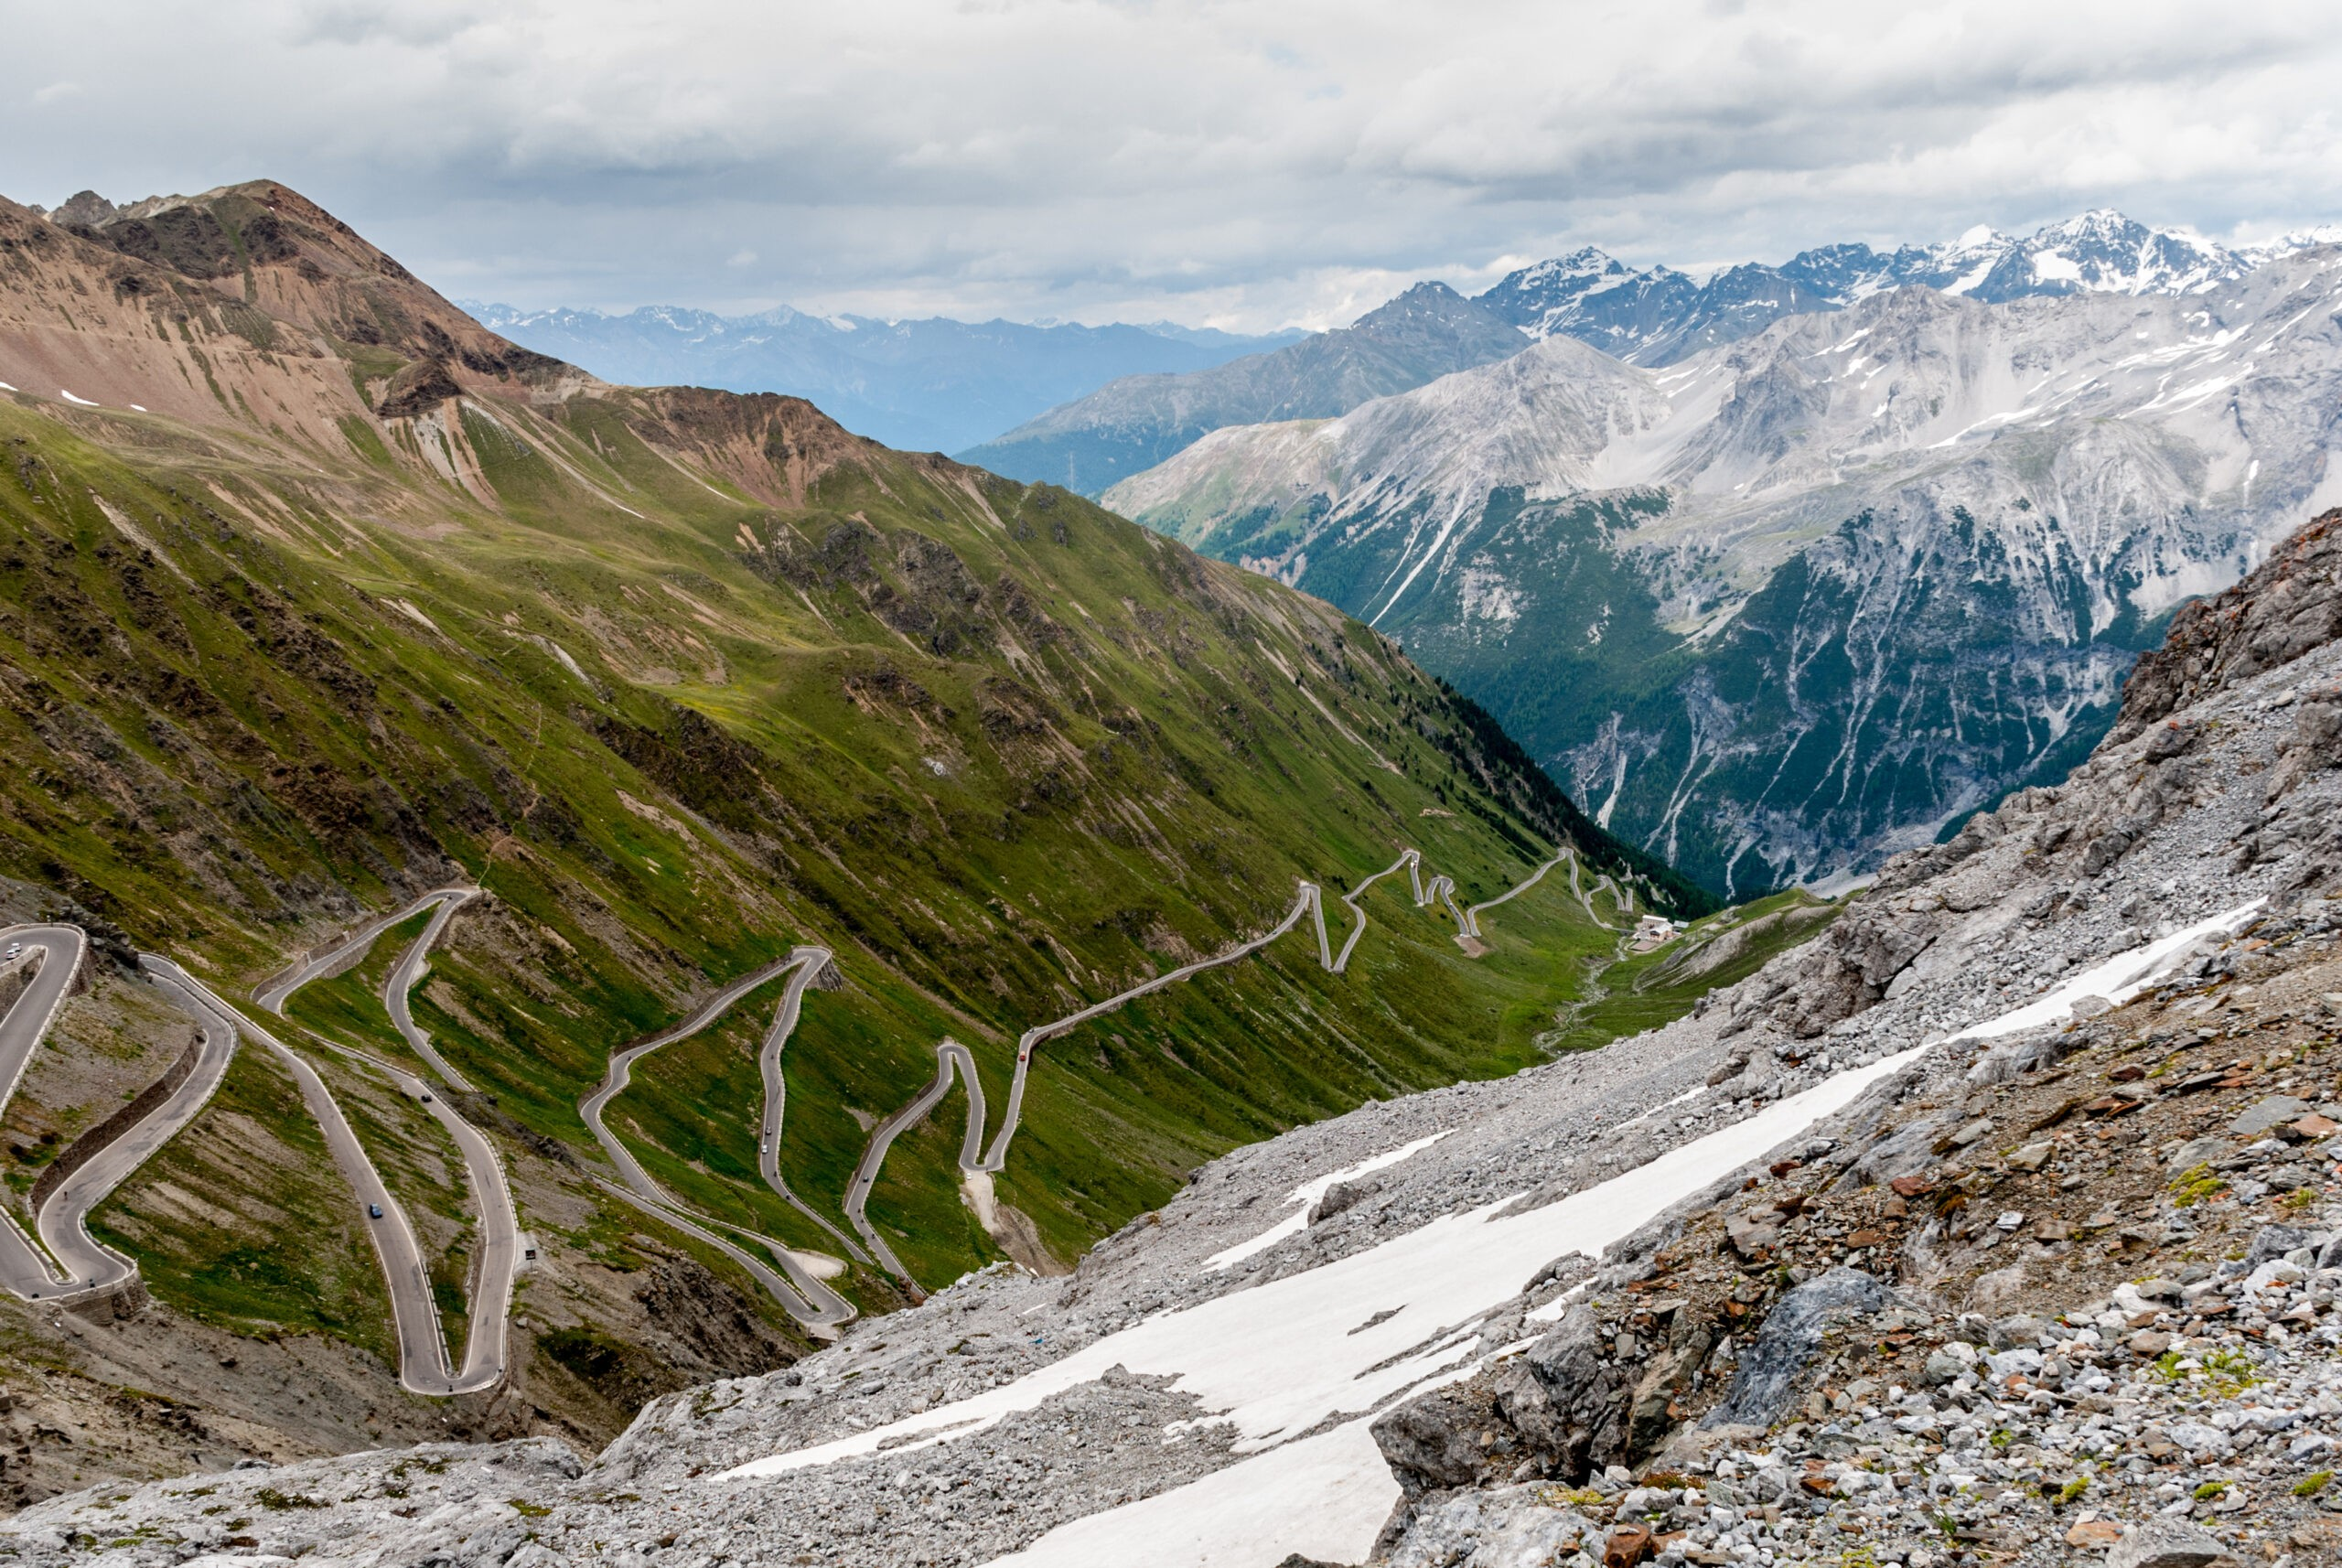 Widok z przełęczy Stelvio, Passo dello Stelvio, Trydent, Włochy